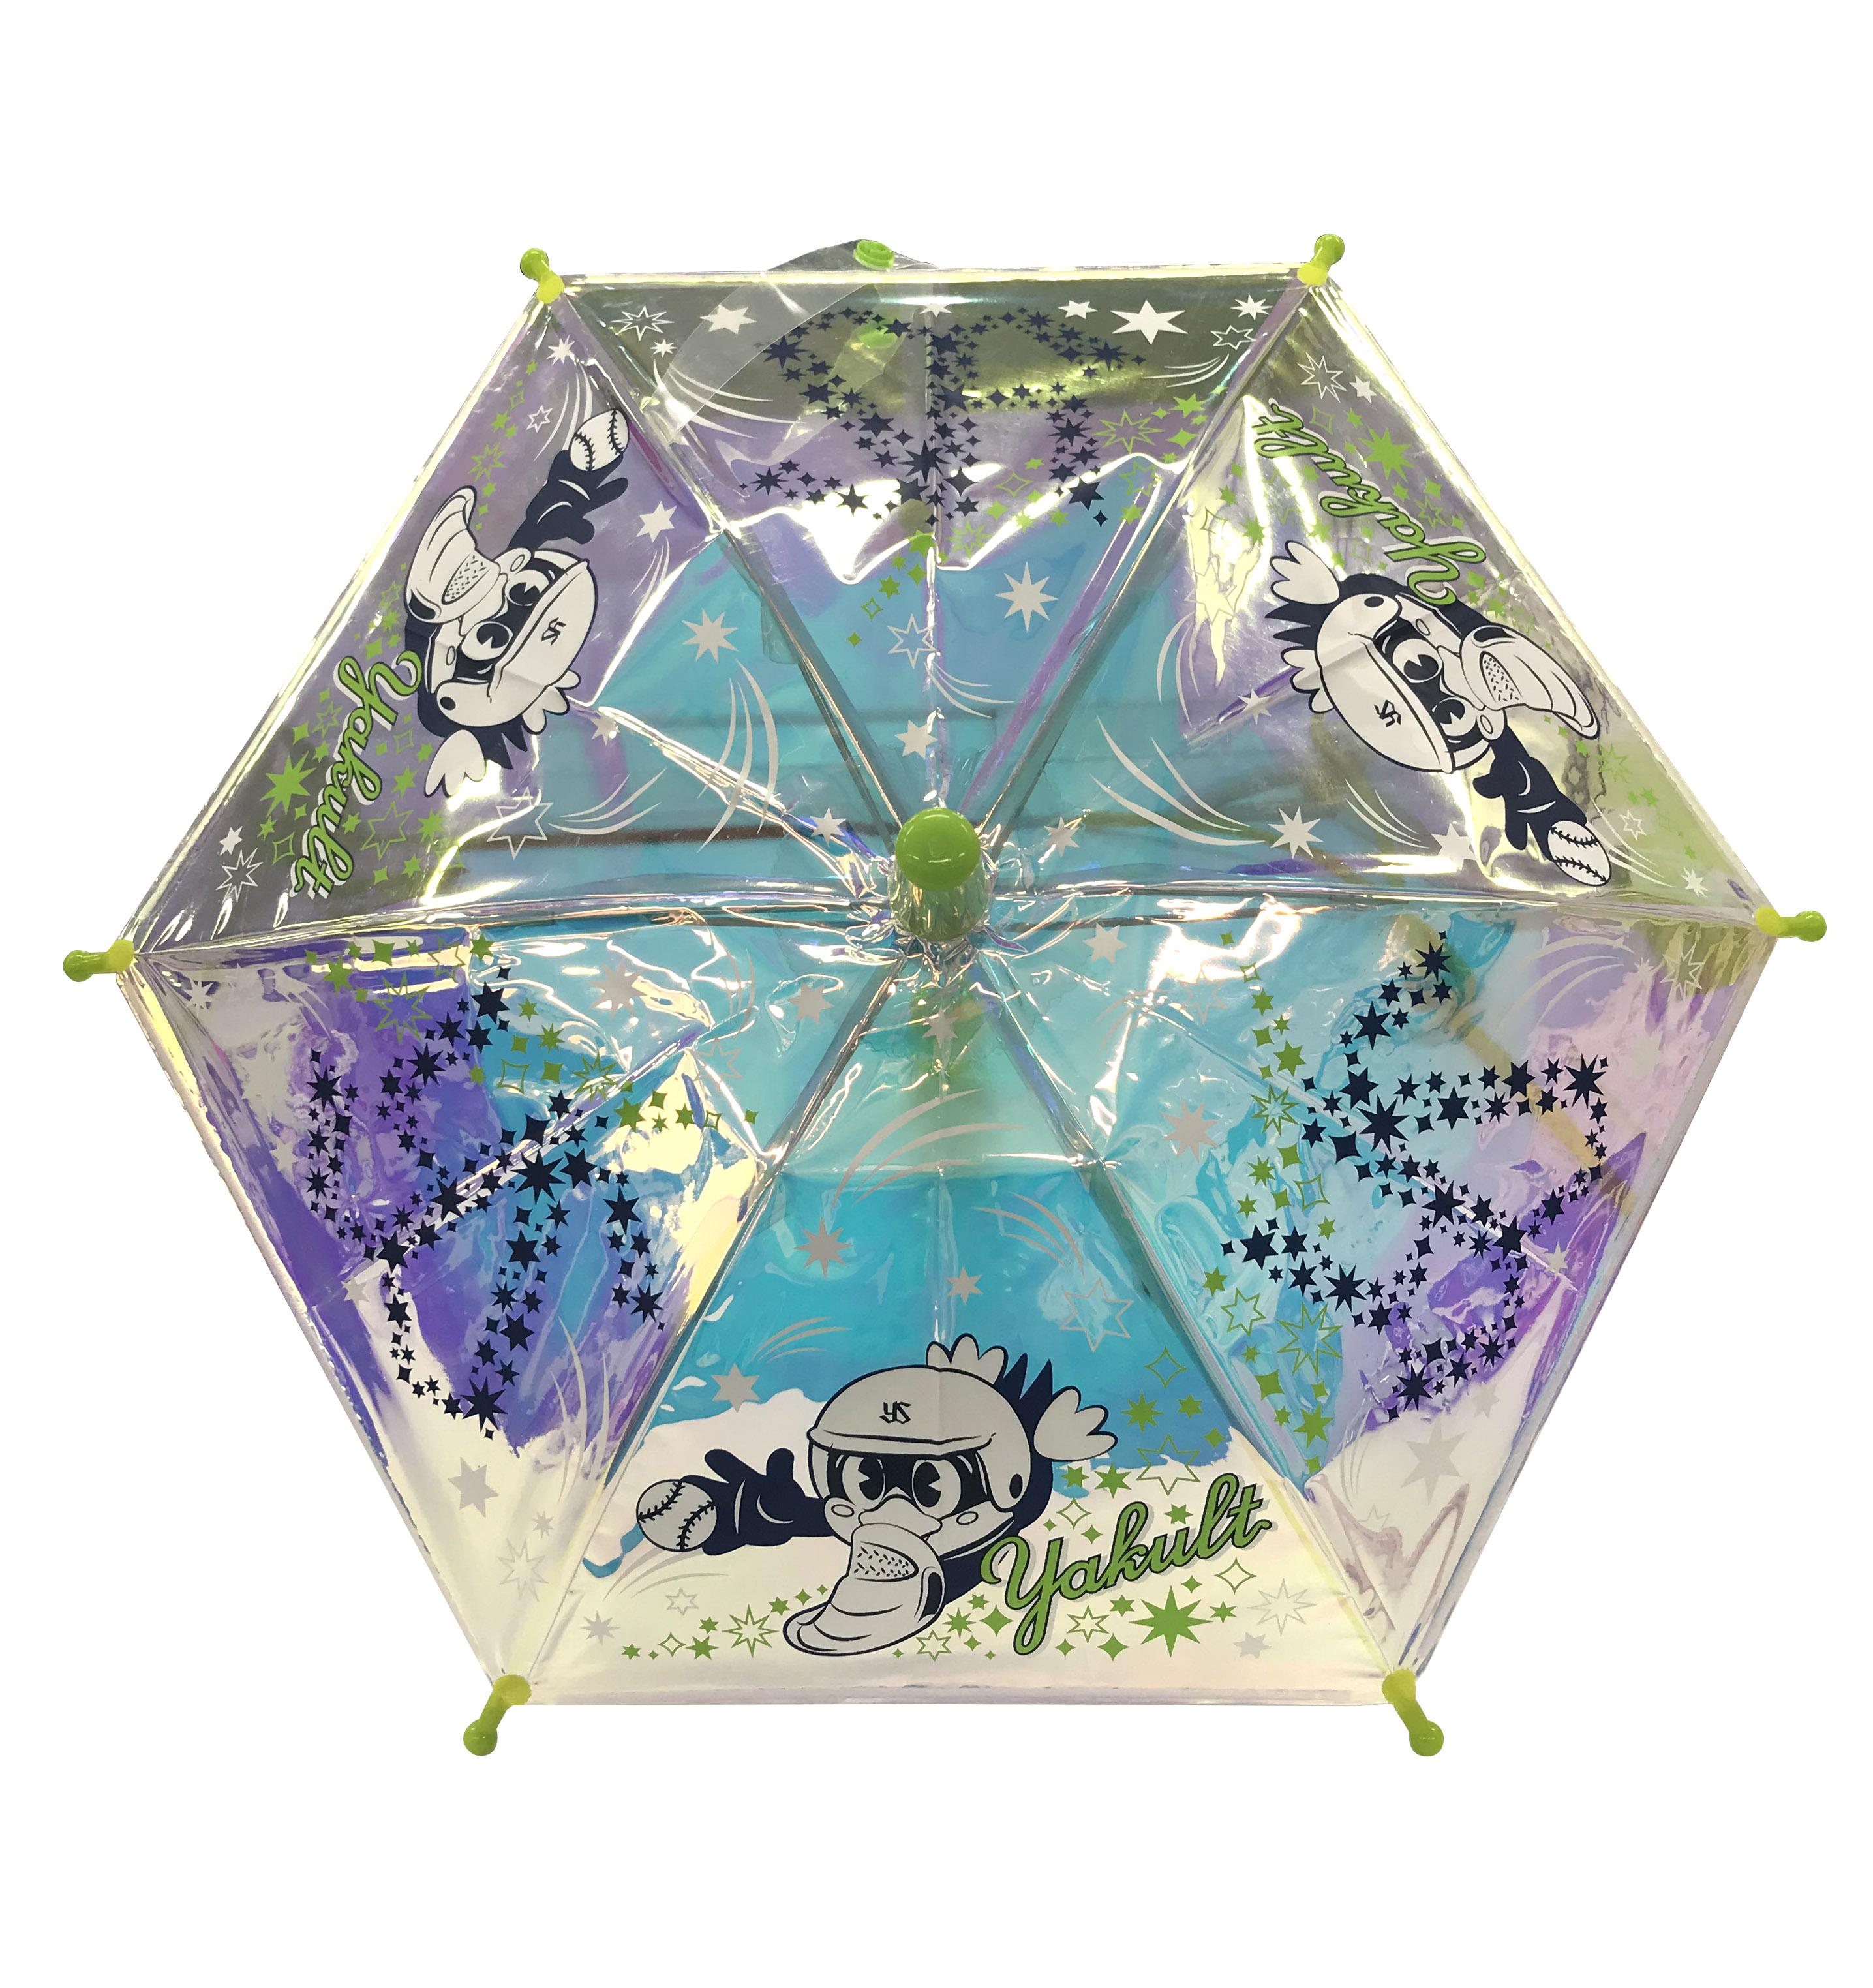 応援ミニチュア傘 つば九郎シャイン